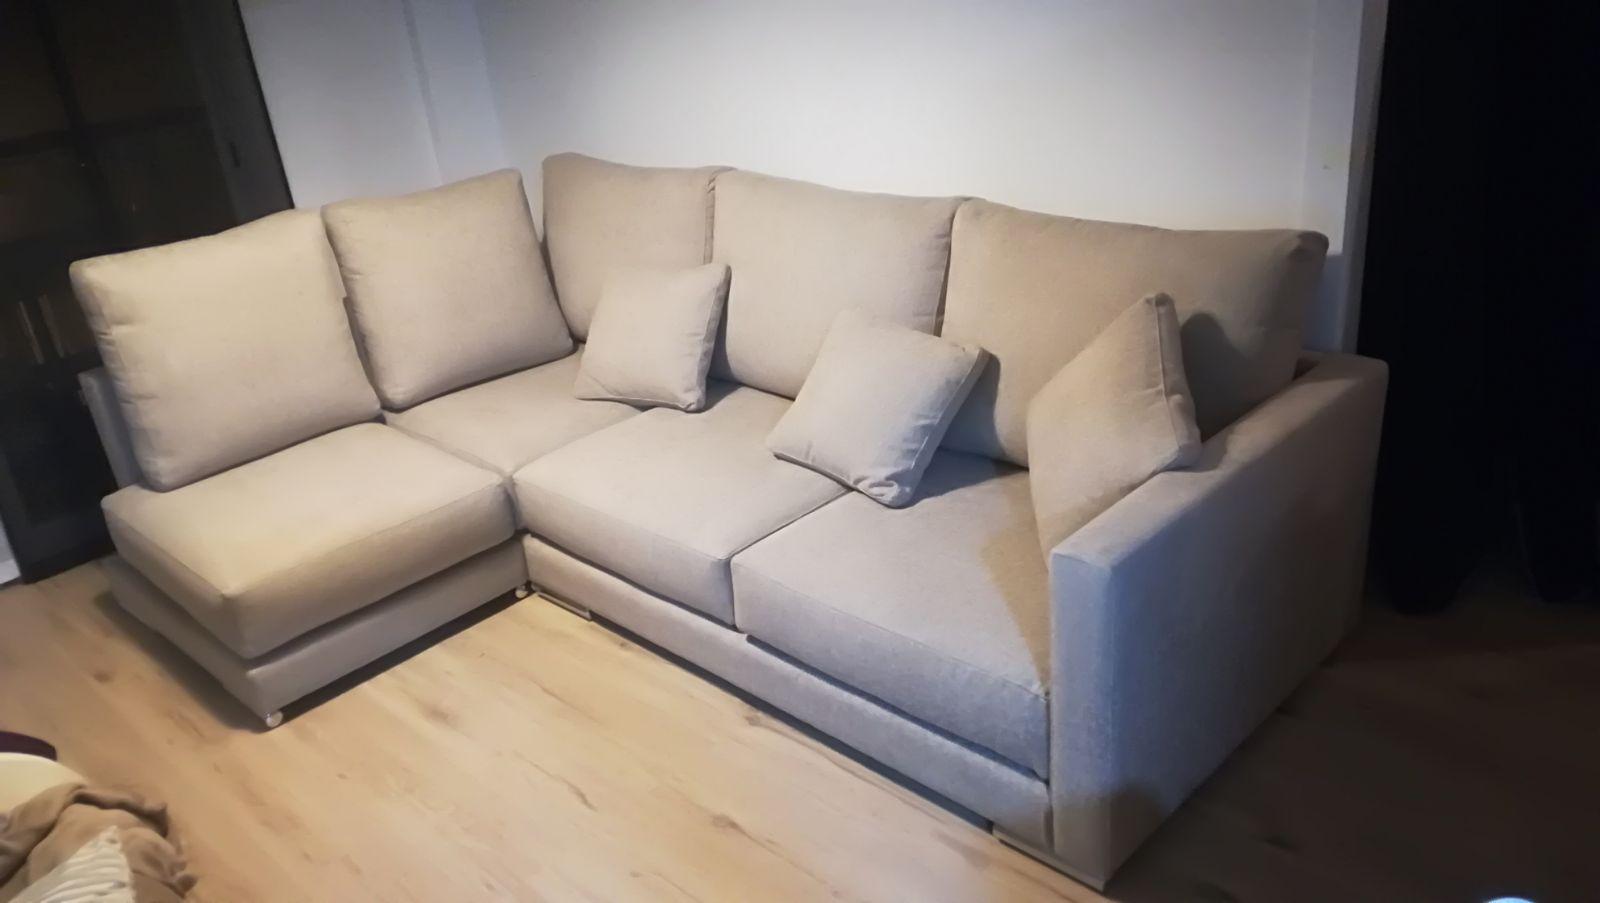 Sofa bajo respaldos altos cojines grandes de una pieza y reposabrazos - Cojines grandes para sofa ...